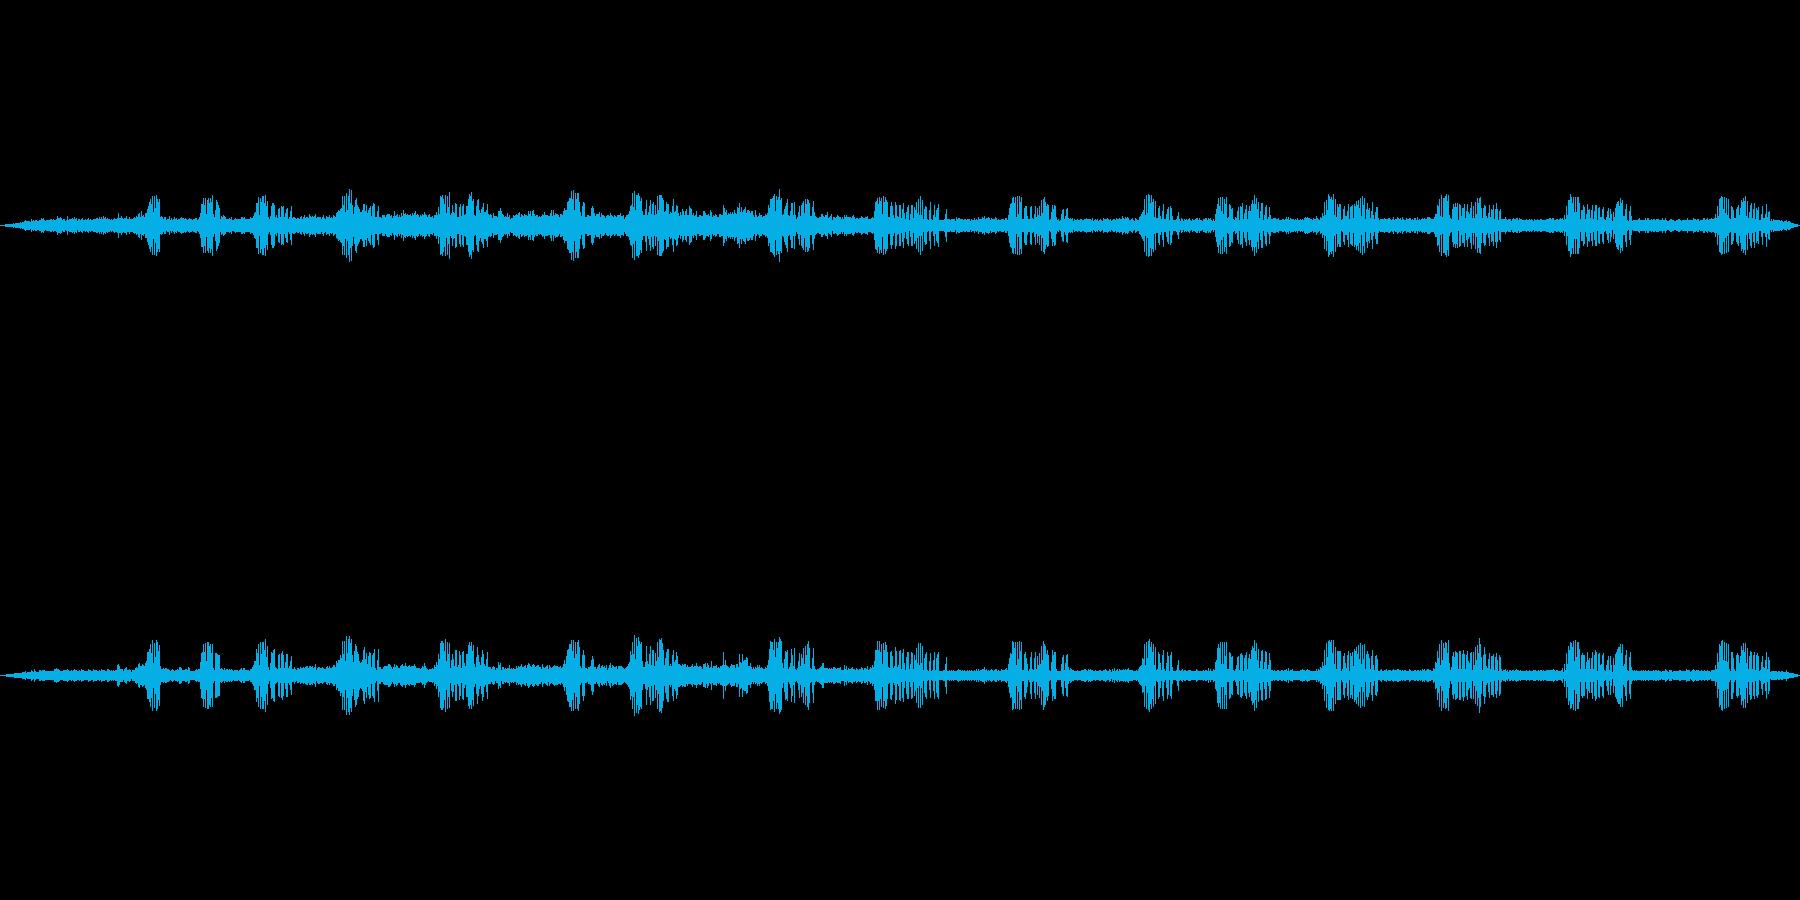 秋の虫の音の再生済みの波形